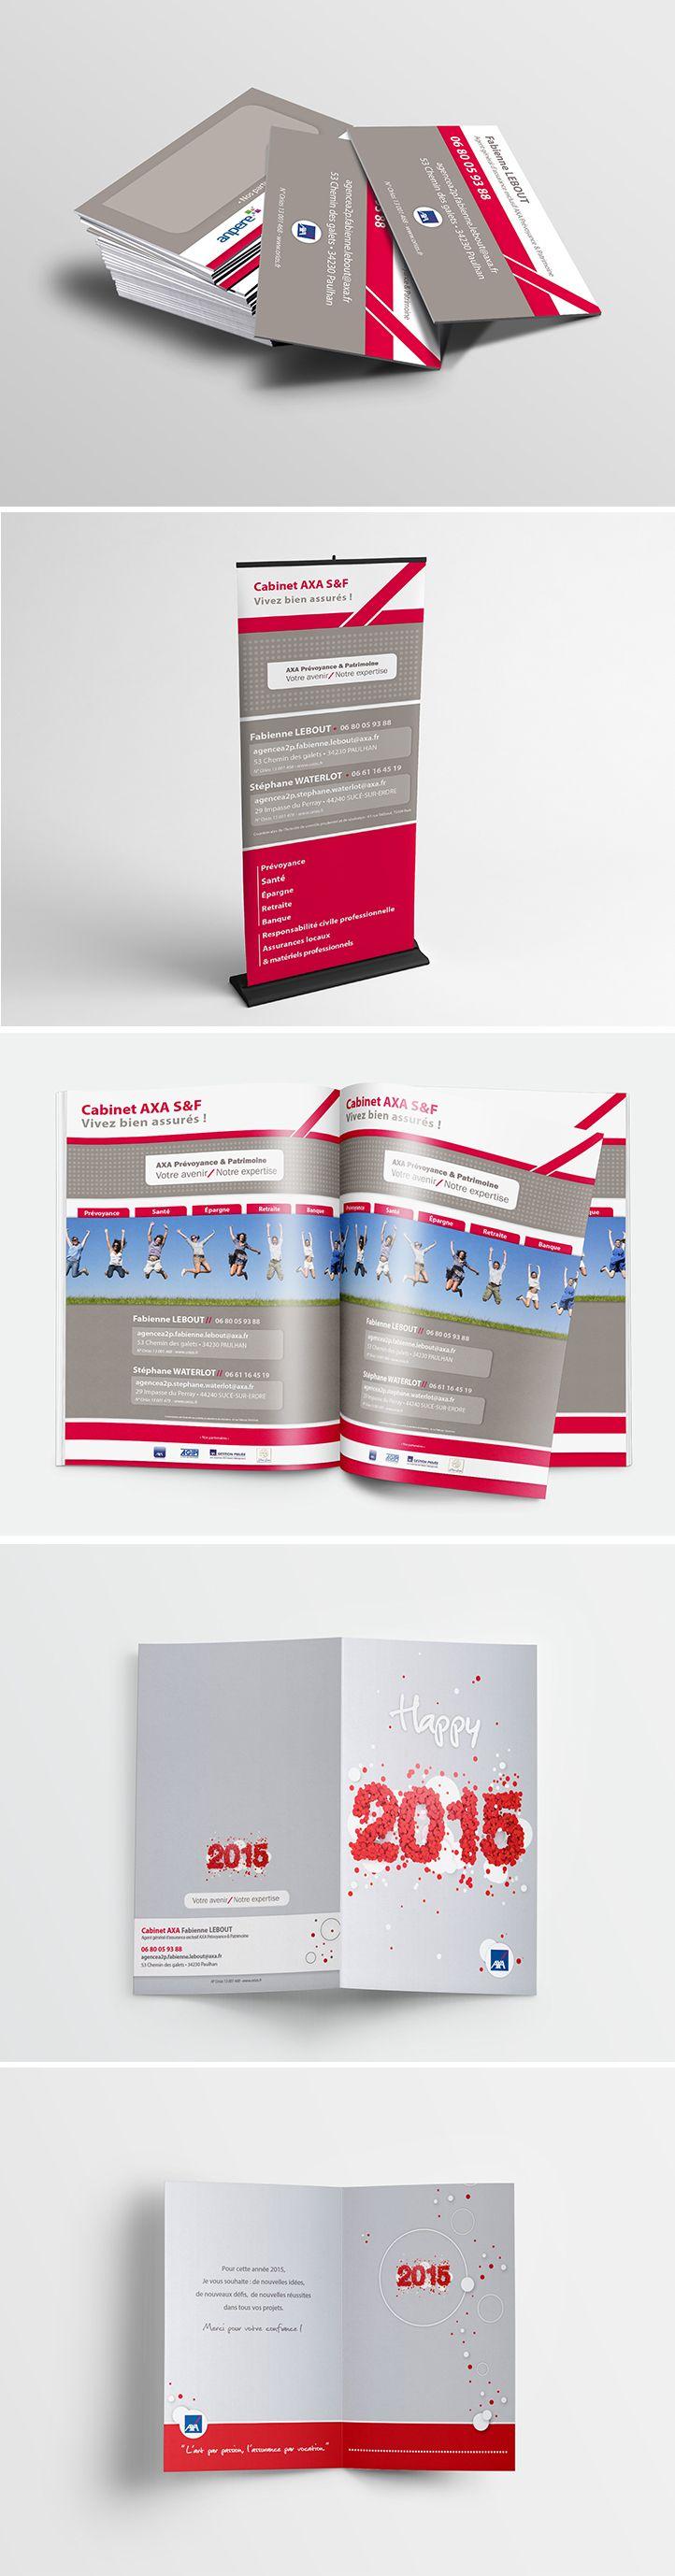 Création graphique et impression de supports de communication pour un Agent A2P AXA • Mis en place de carte de visite • Encart publicitaire • Roll-up • Carte de voeux